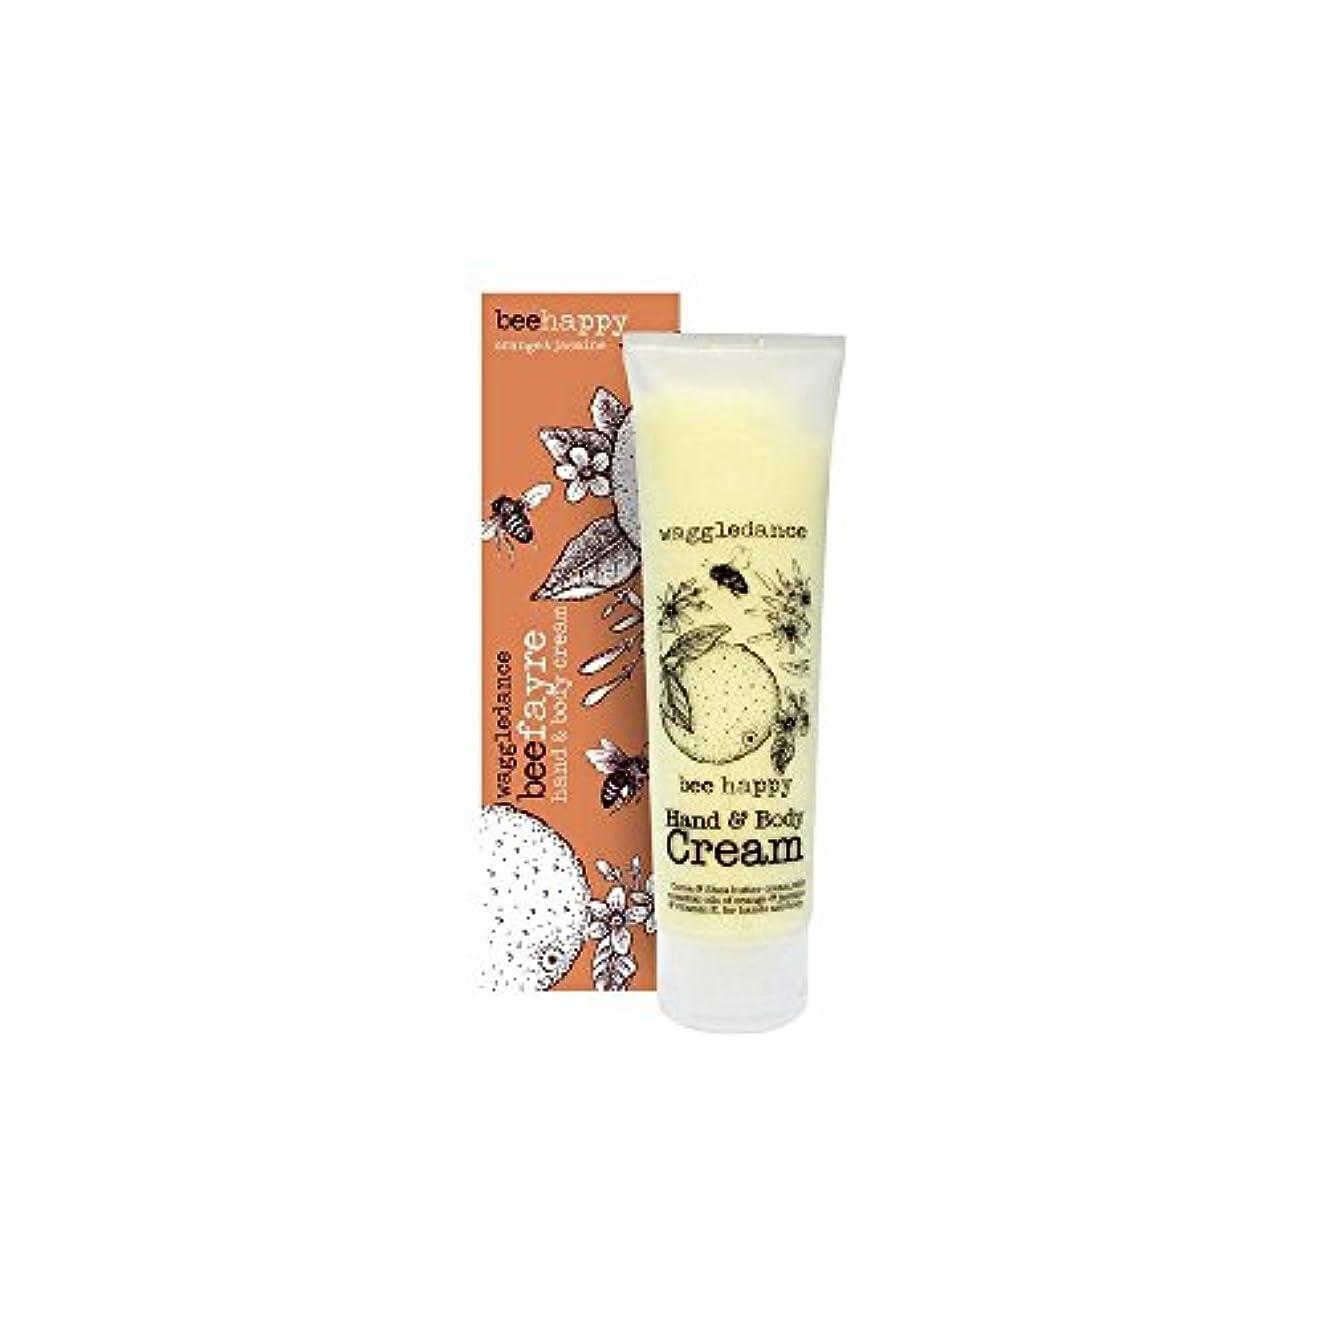 ヘクタール尊敬ダイヤルBeefayre Bee Happy Hand & Body Cream (100ml) Beefayre蜂幸せな手とボディクリーム( 100ミリリットル) [並行輸入品]